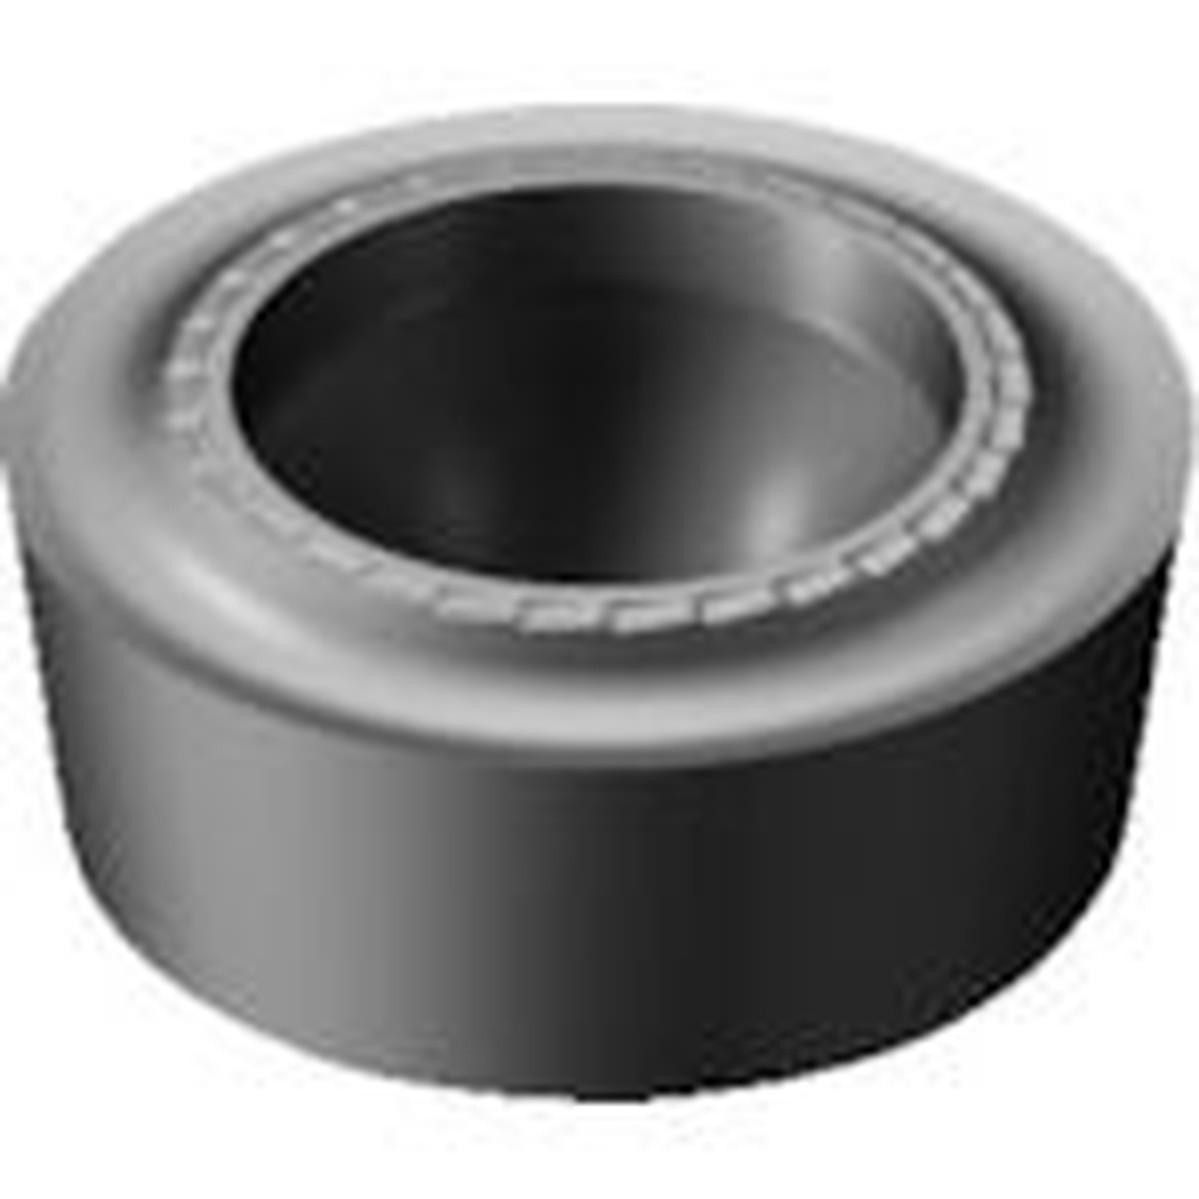 あす楽対応 市販 DIY用品 サンドビック コロターン107 旋削用ポジ 1125 70%OFFアウトレット チップ 10個